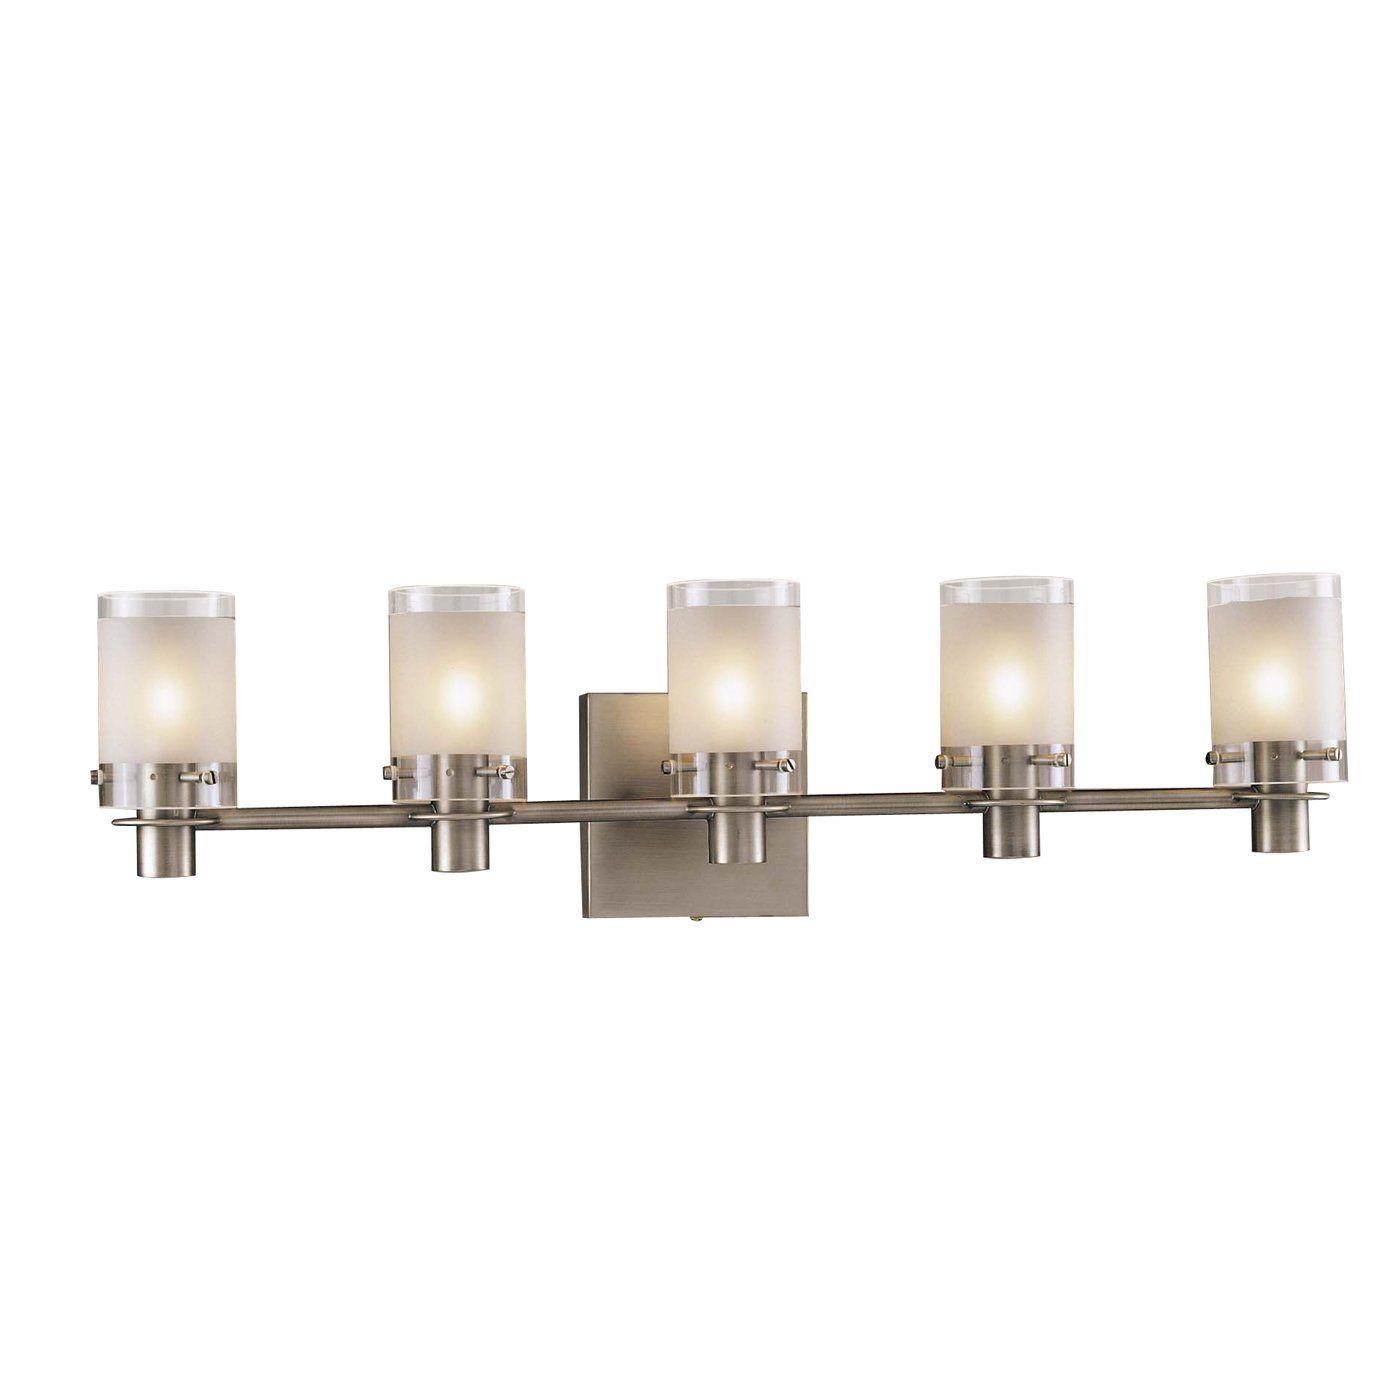 George Kovacs P5005 056 5 Light Bathroom